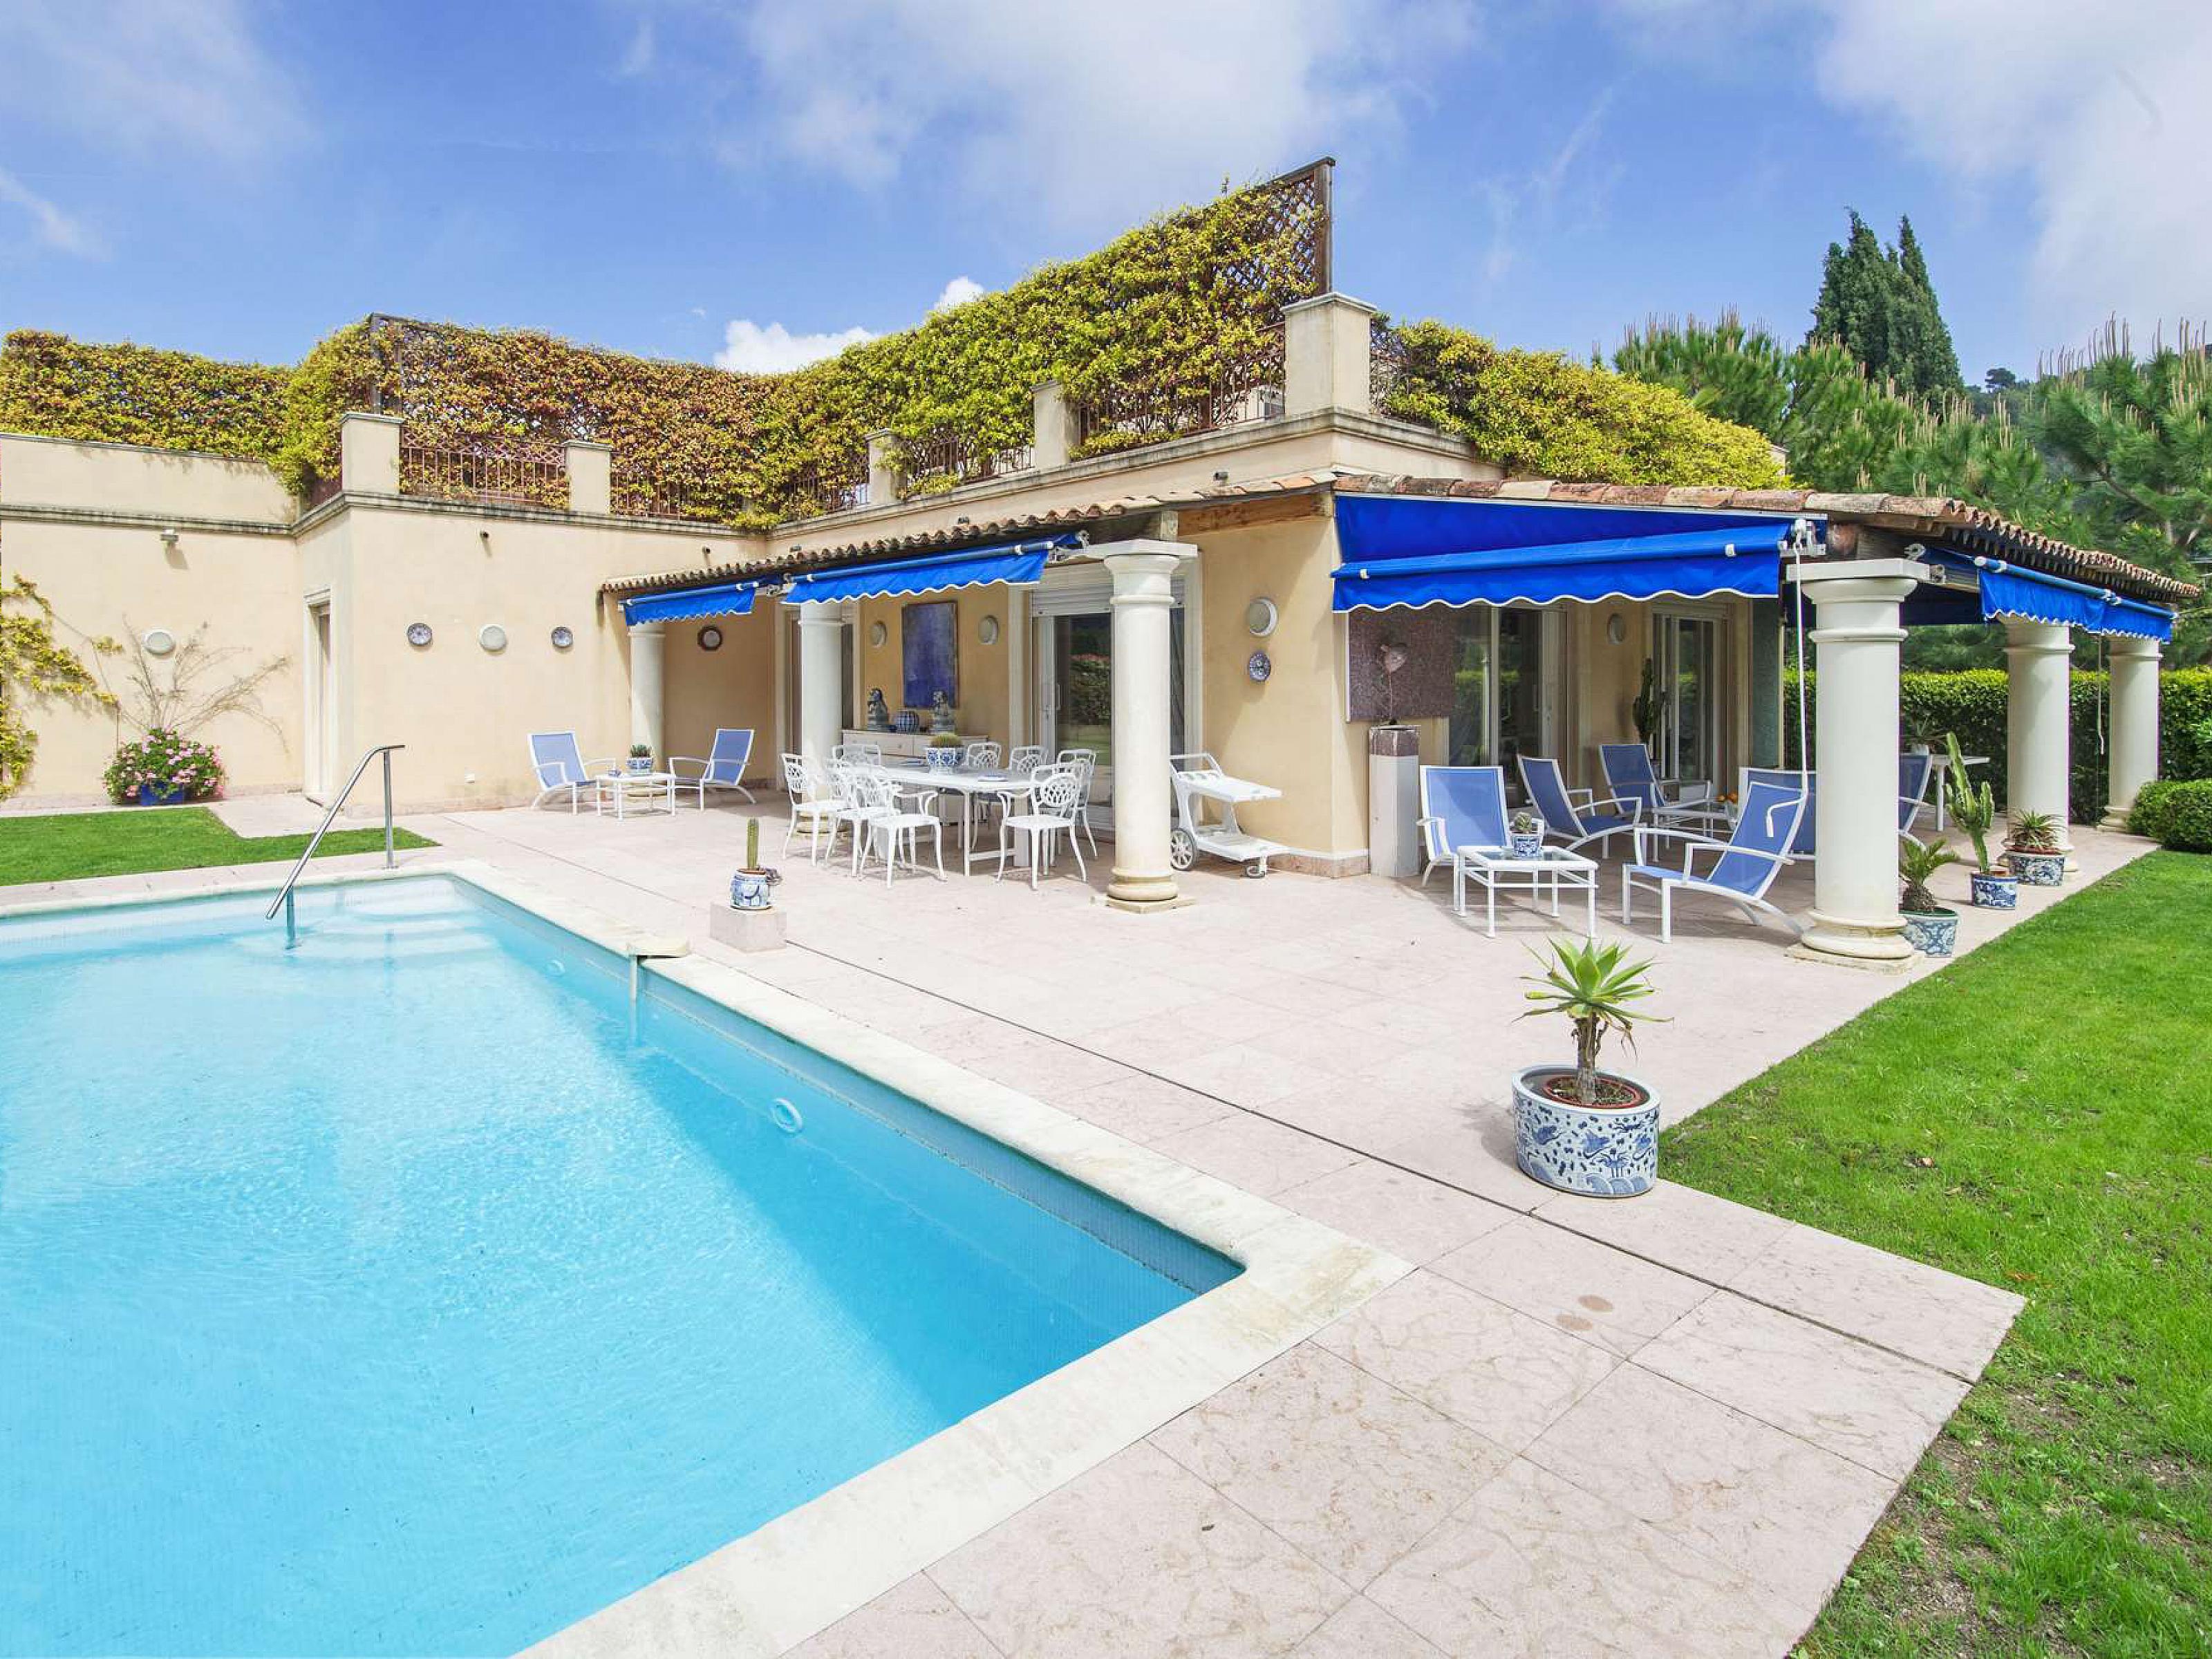 단독 가정 주택 용 매매 에 Lovely villa in a private domain with panoramic sea views Villefranche sur Mer Villefranche Sur Mer, 프로벤스 앞ㄹ프스 코테 D'Azur 06230 프랑스